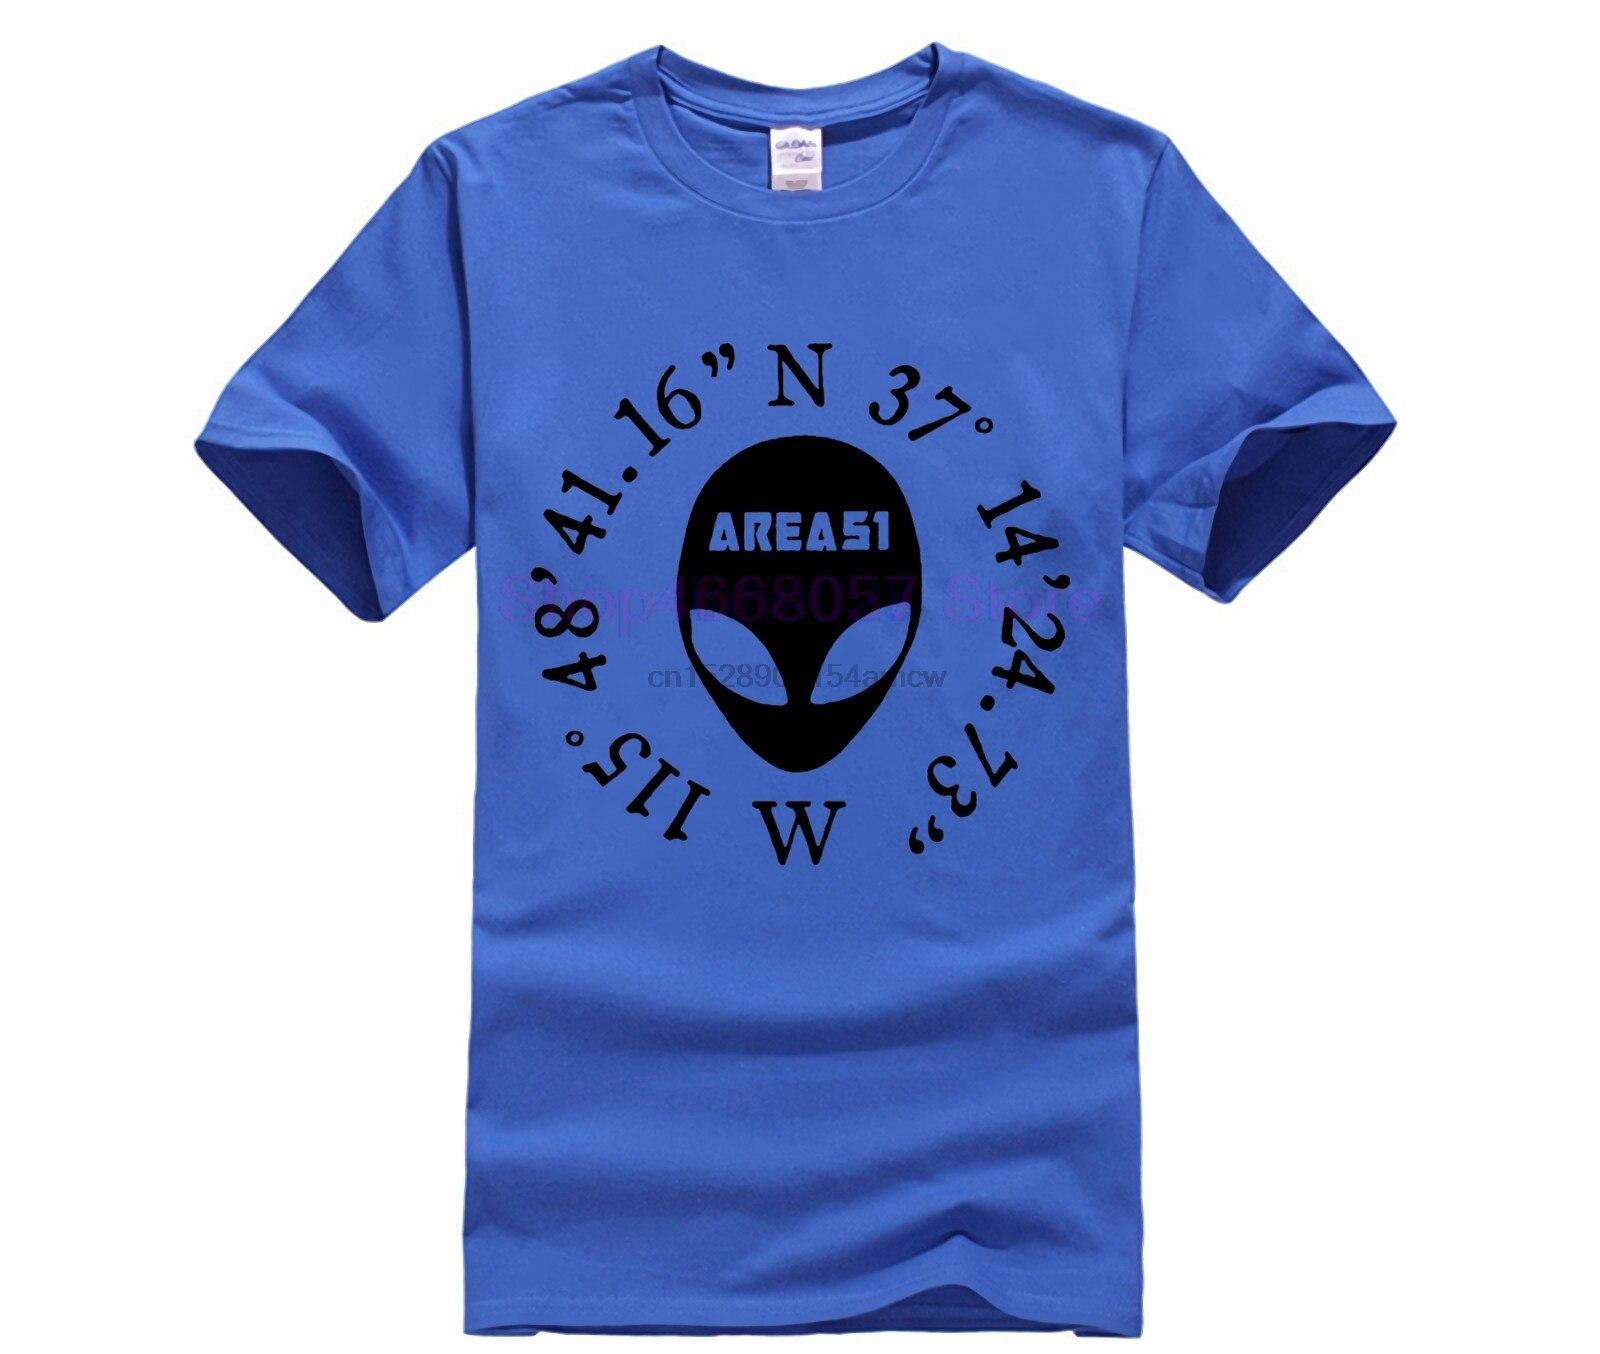 Área 51 camisetas Aliens cabeza Tee coordinadas sombrero Ufo Hunter Crop Circles X archivos Roswell Shirtmandude hombres mujeres niños